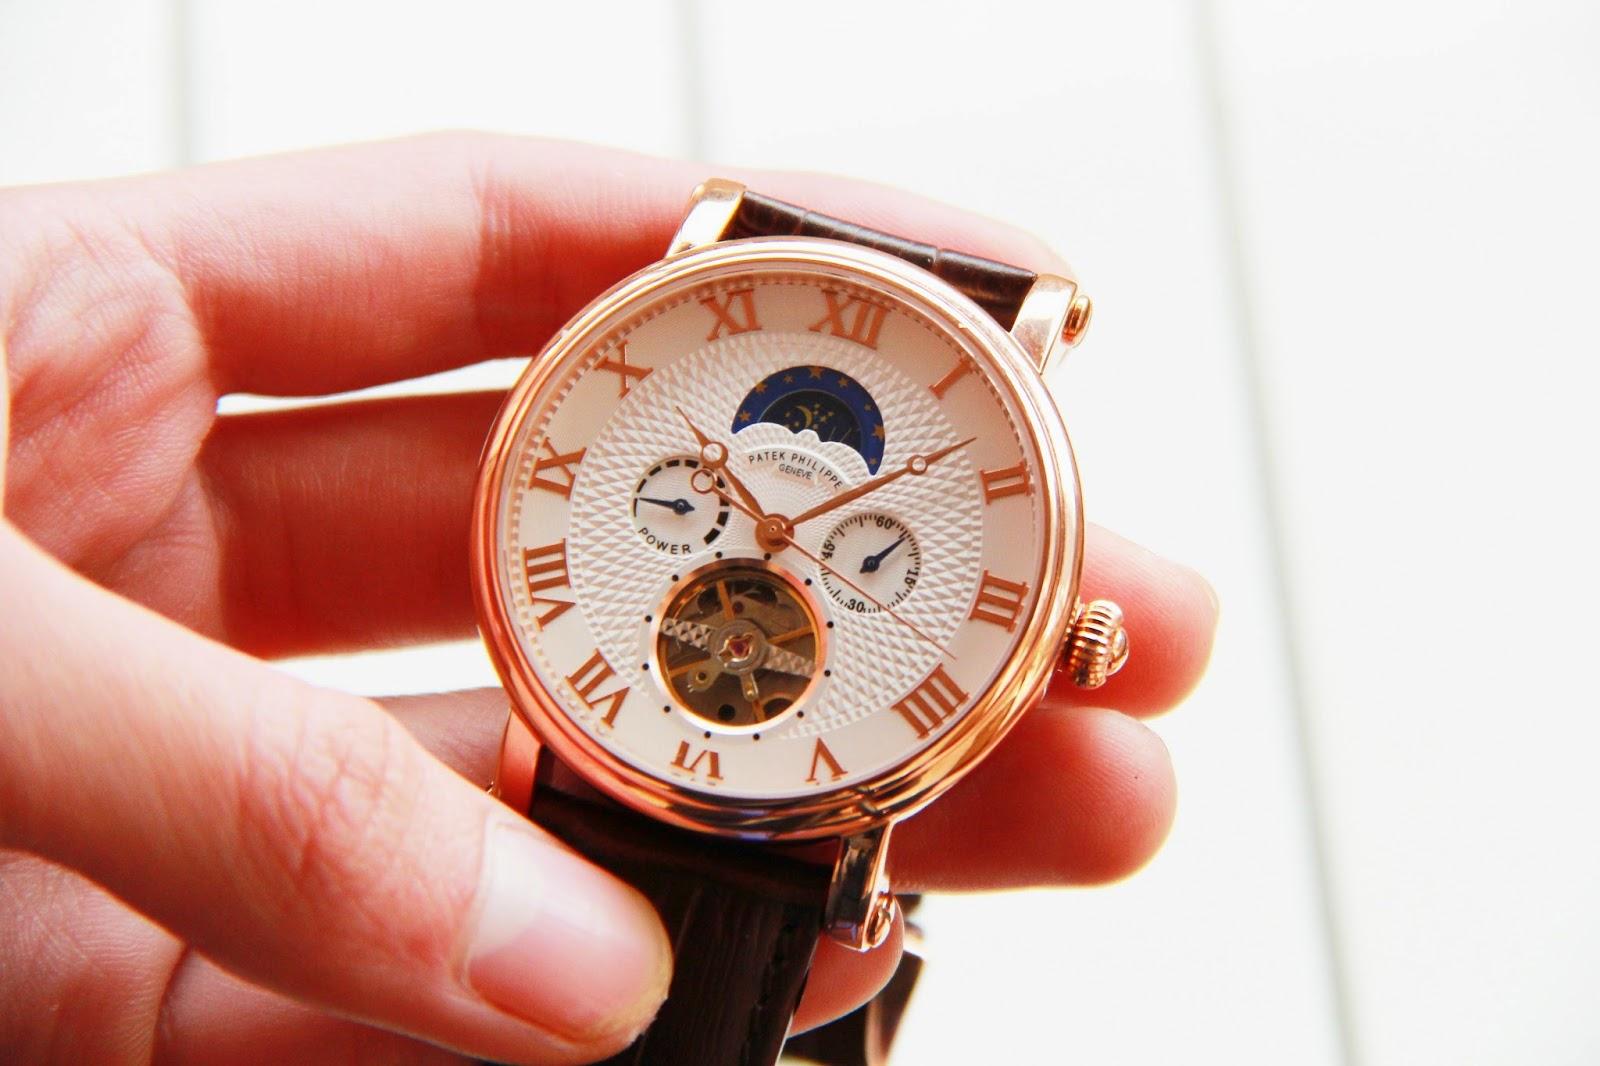 Đồng hồ nam patek philippe P32 cao cấp